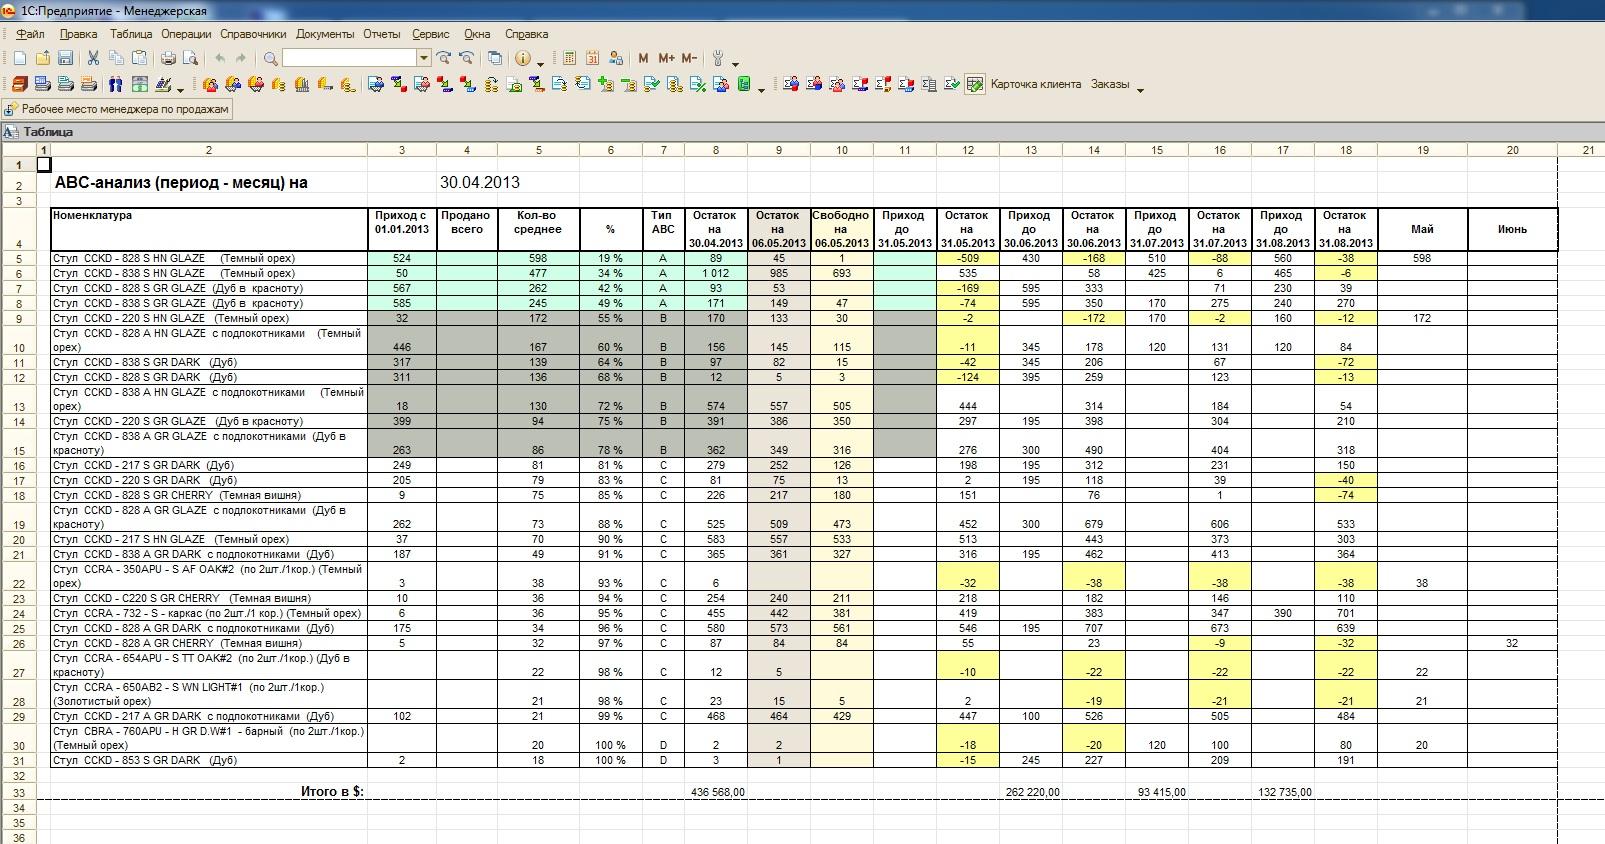 Авс анализ продаж 1с обновление формы 2ндфл в 1с